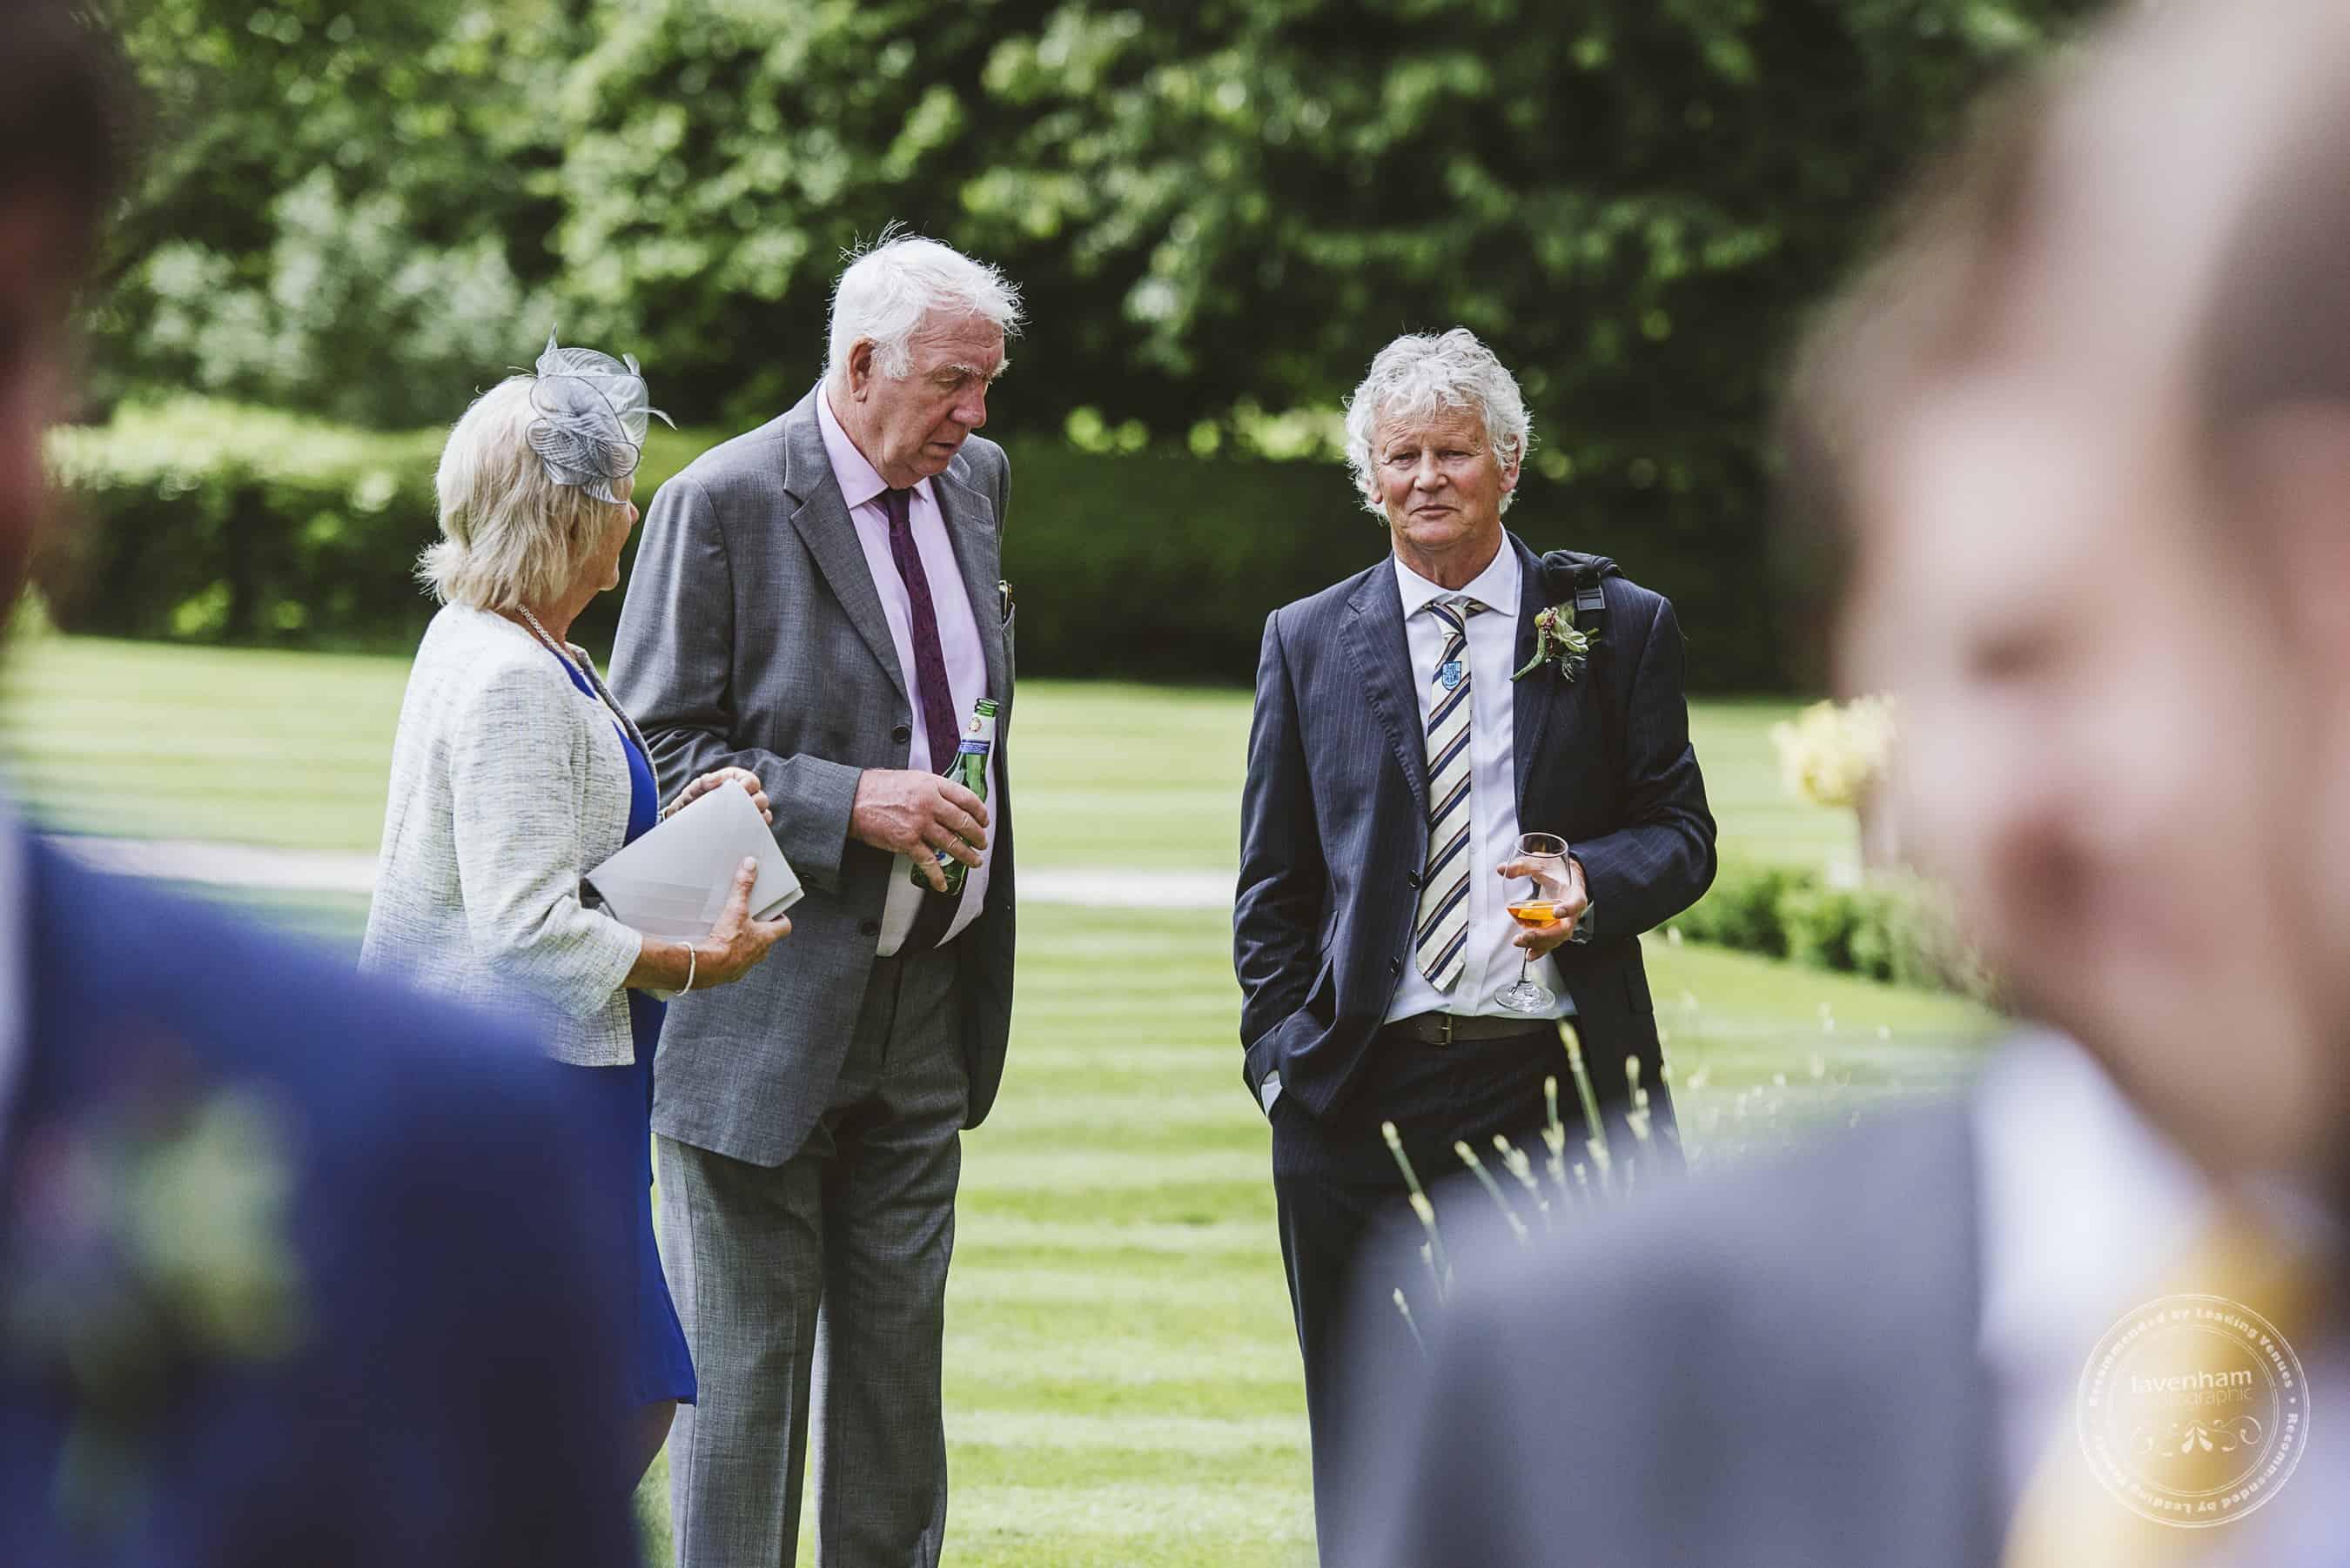 020618 Leez Priory Wedding Photography Lavenham Photographic 086